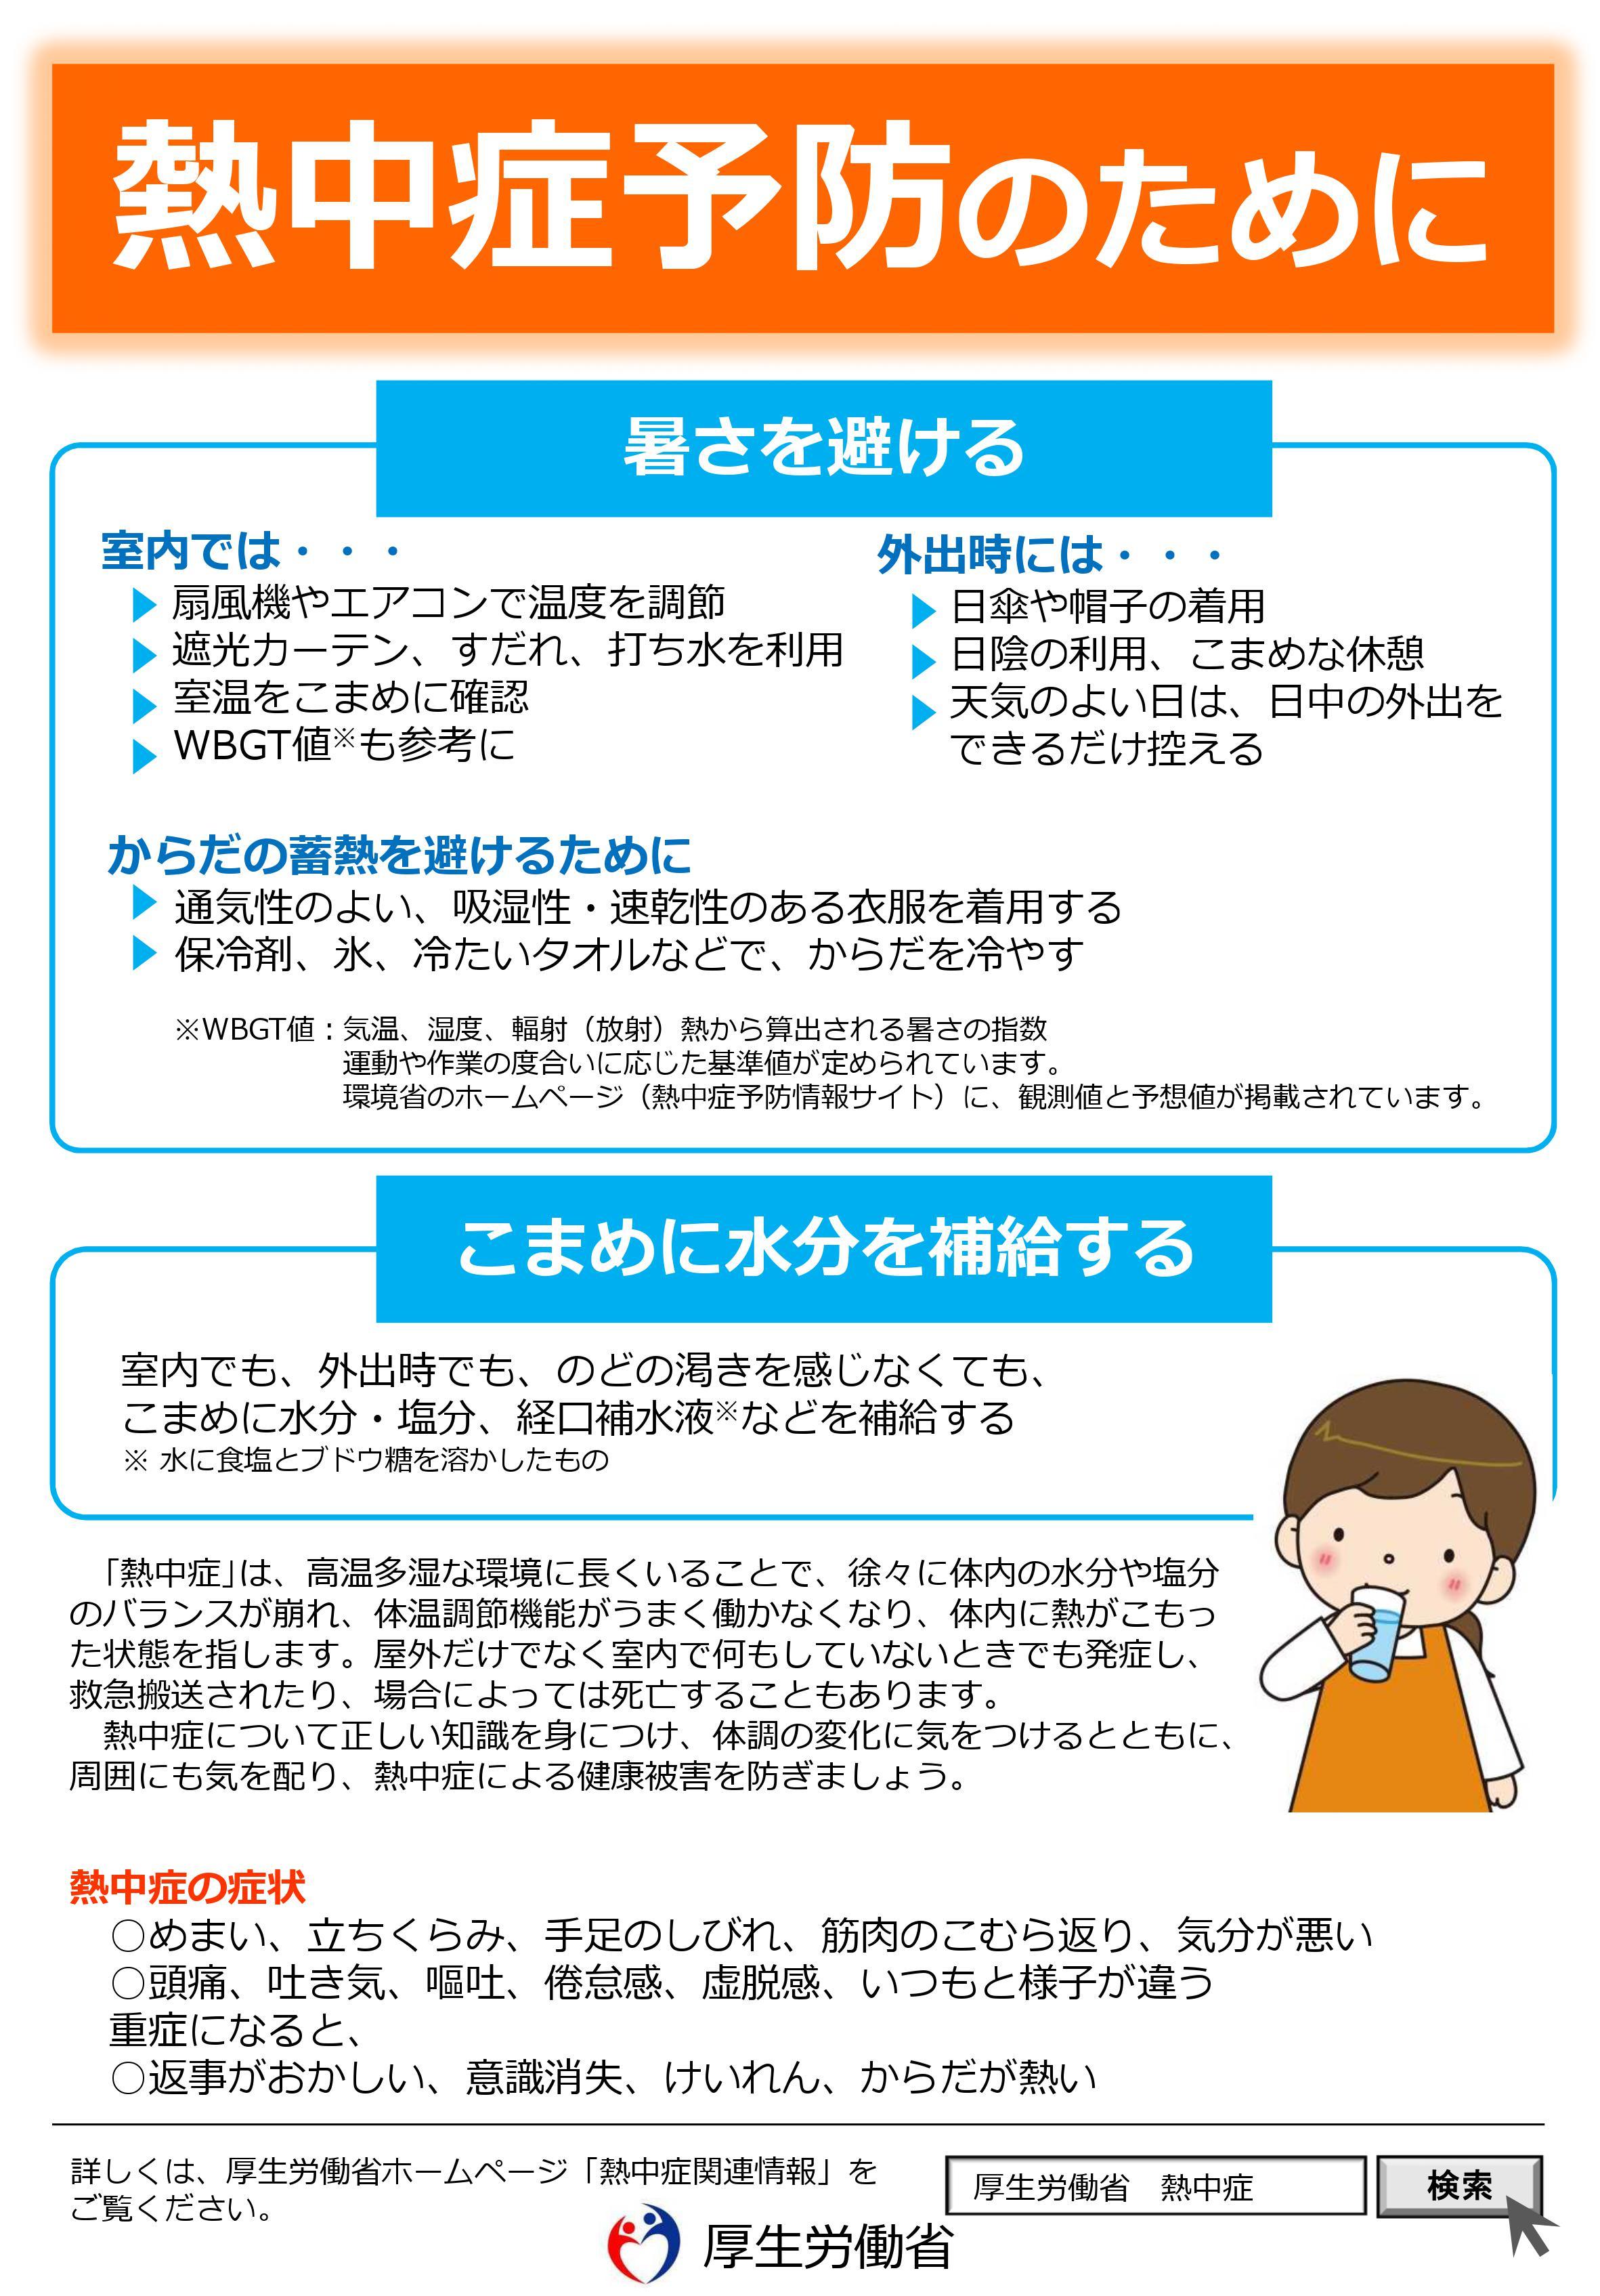 熱中症予防、運動あそび、運動療育